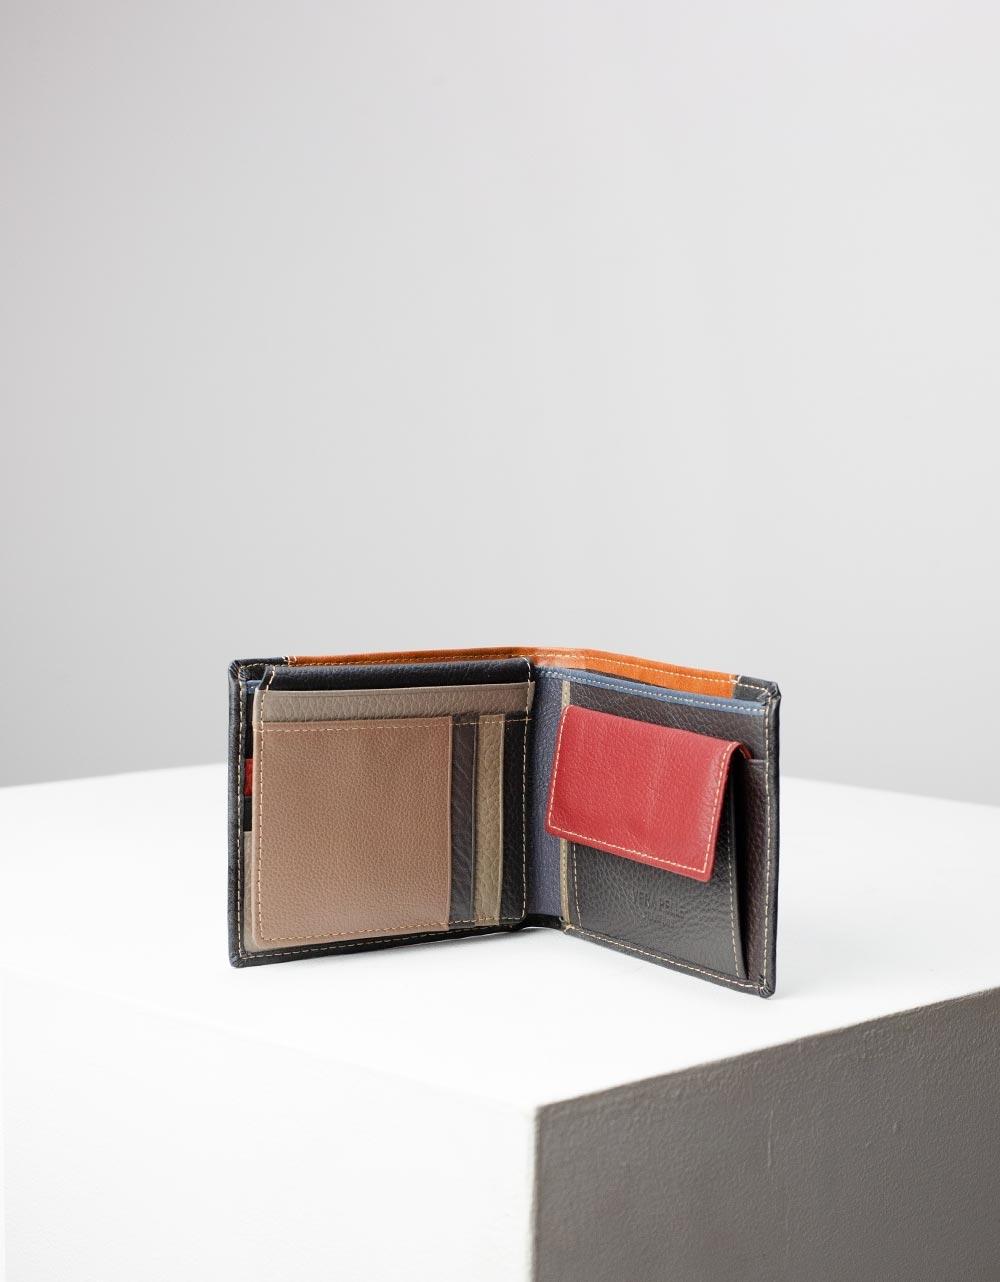 Εικόνα από Ανδρικά δερμάτινα πορτοφόλια σε συνδιασμό χρωμάτων Γκρι